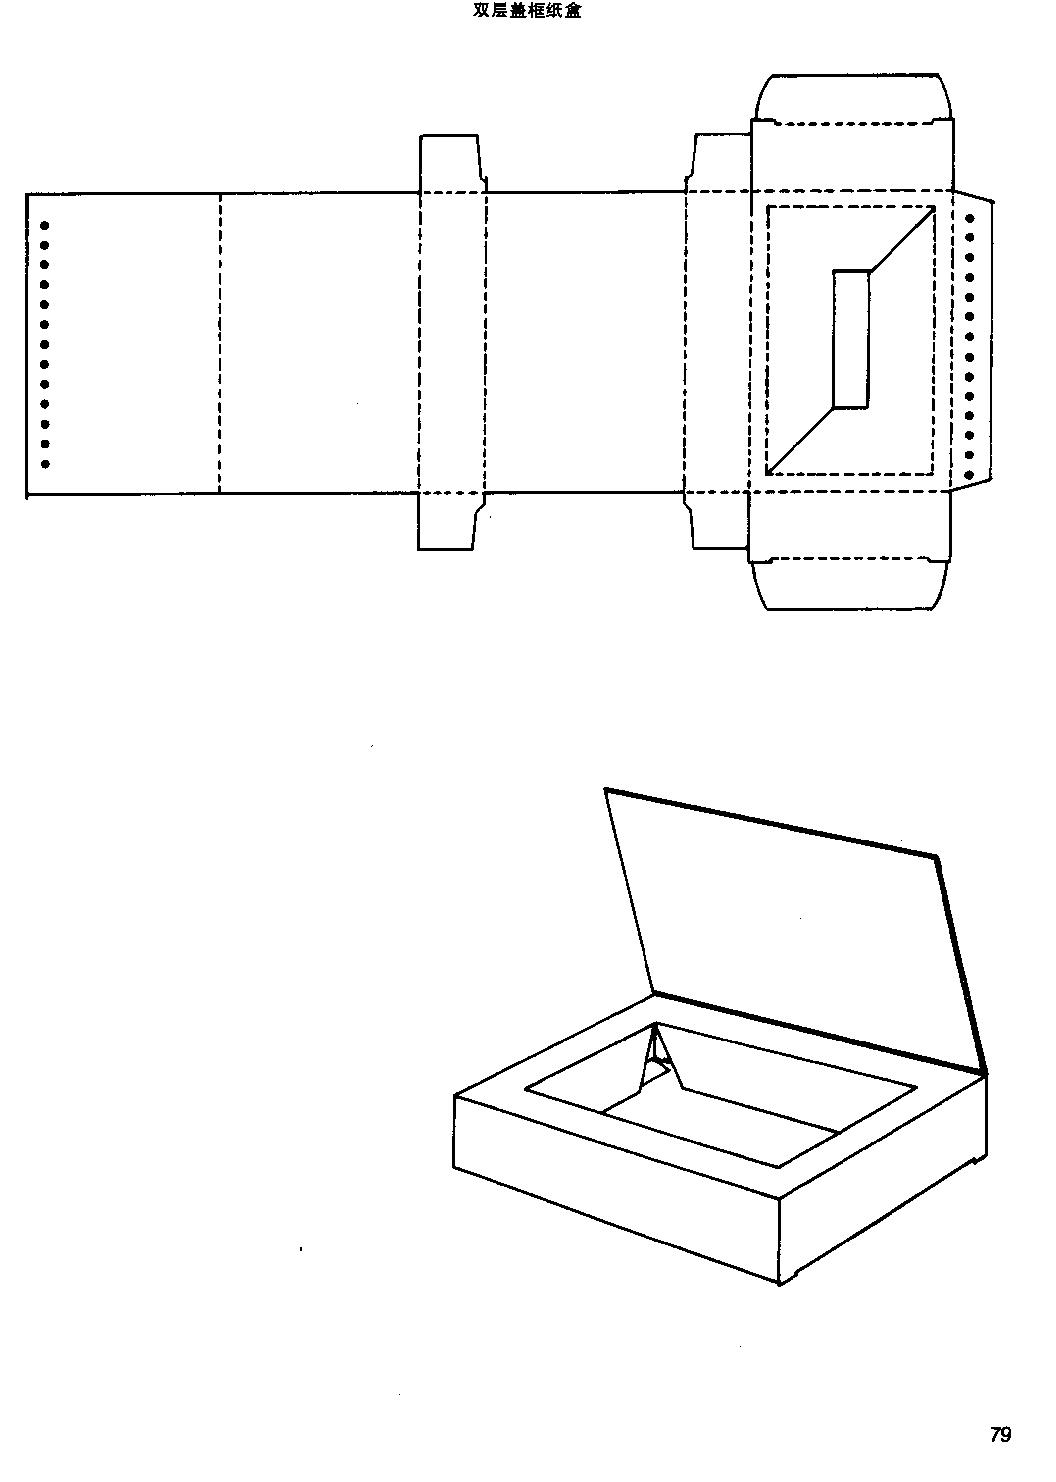 box strcuture